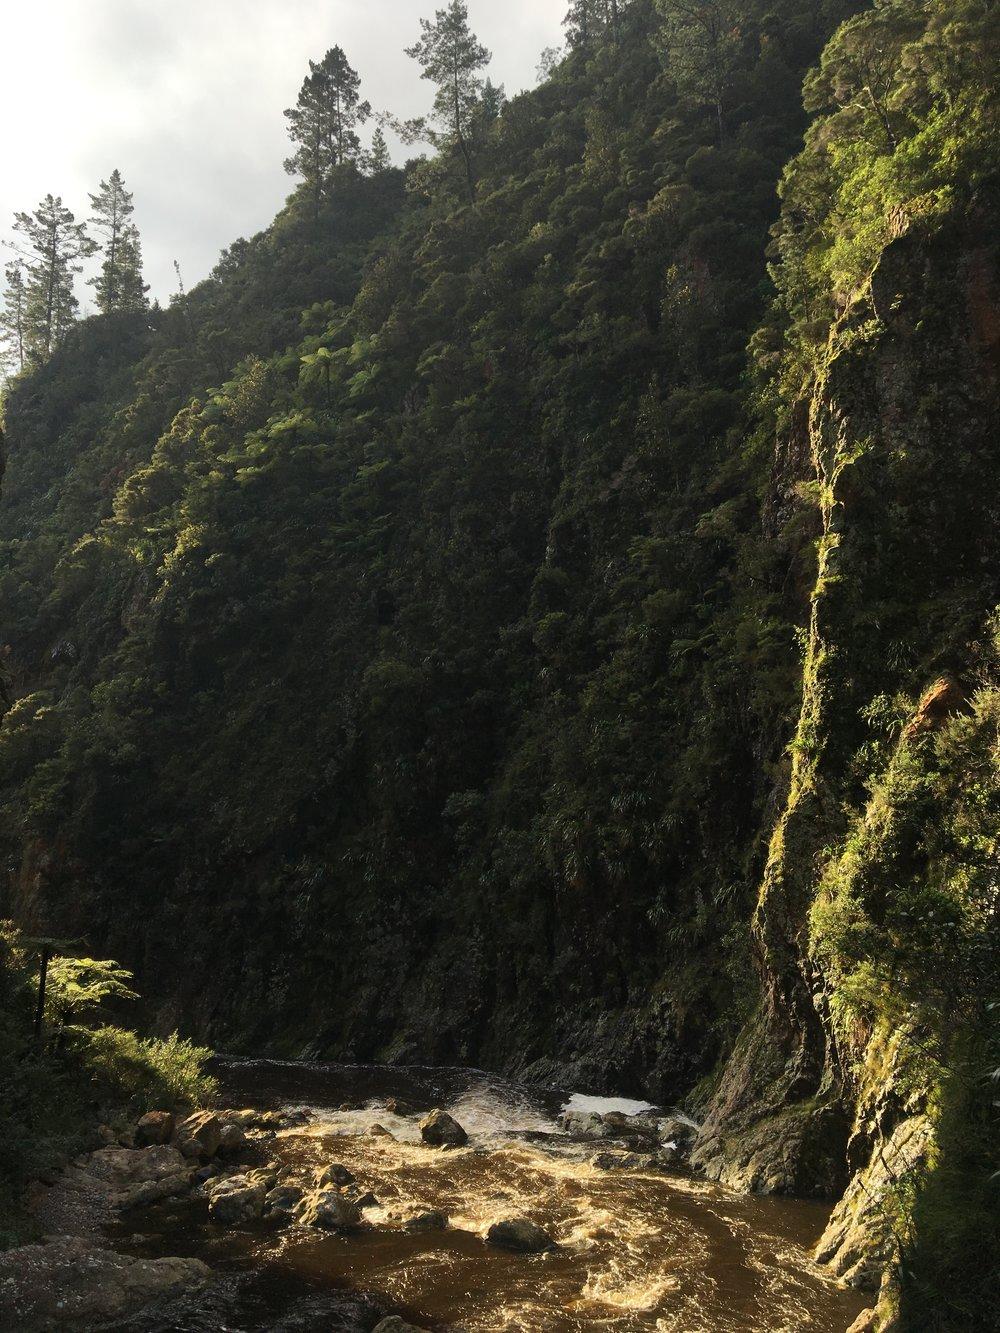 Karangahake Gorge Historic Walkway, North Island